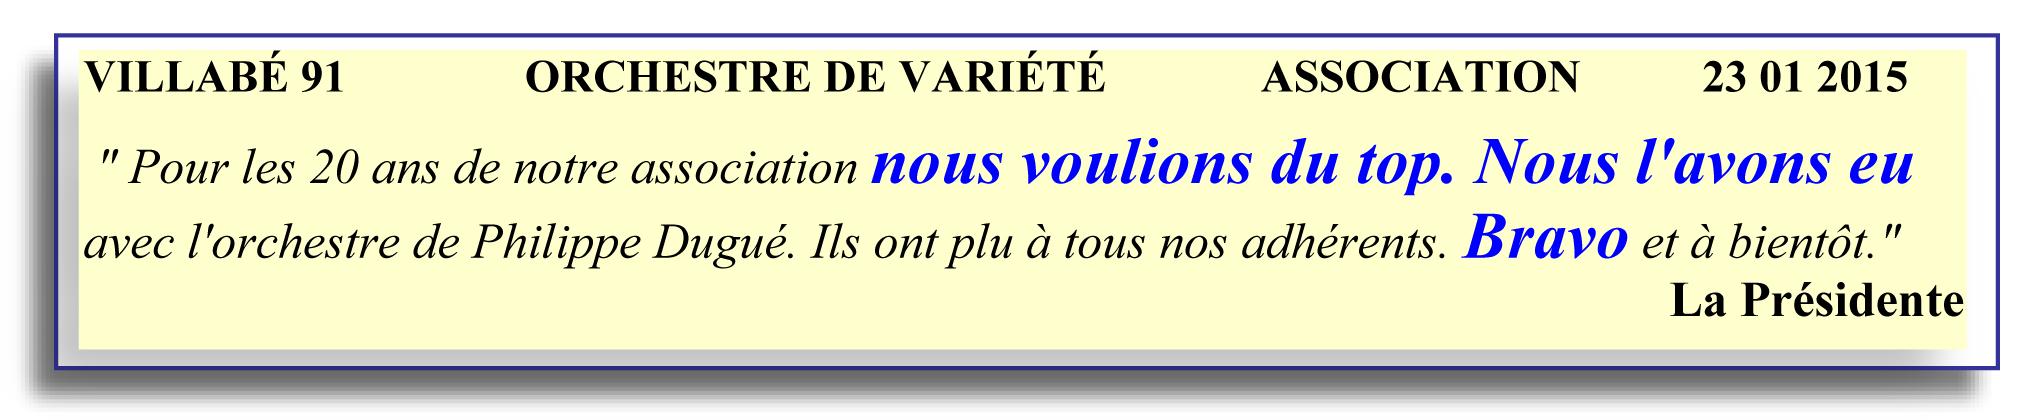 Villabe-orchestre-de-variété